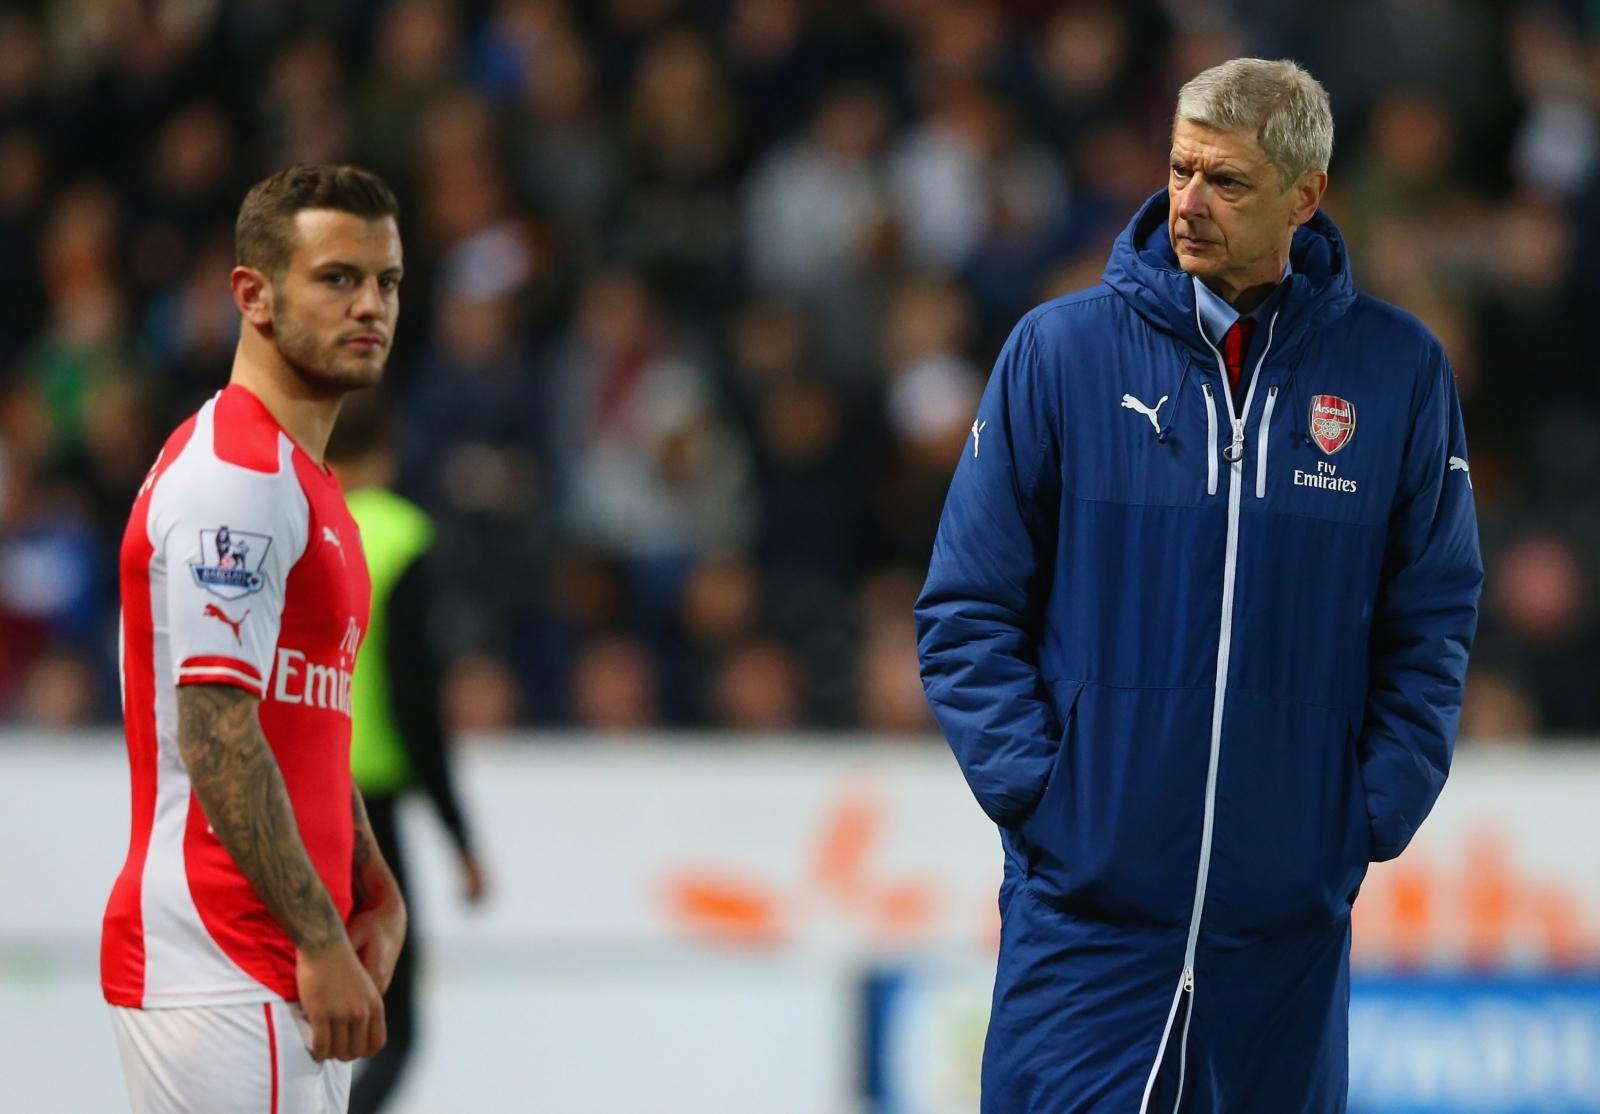 Jack Wilshere and Arsene Wenger